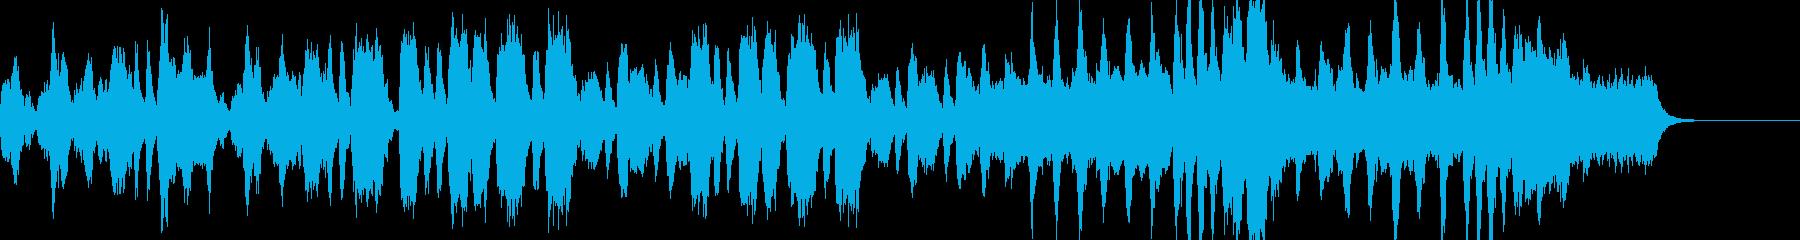 優雅なストリングス室内楽の再生済みの波形